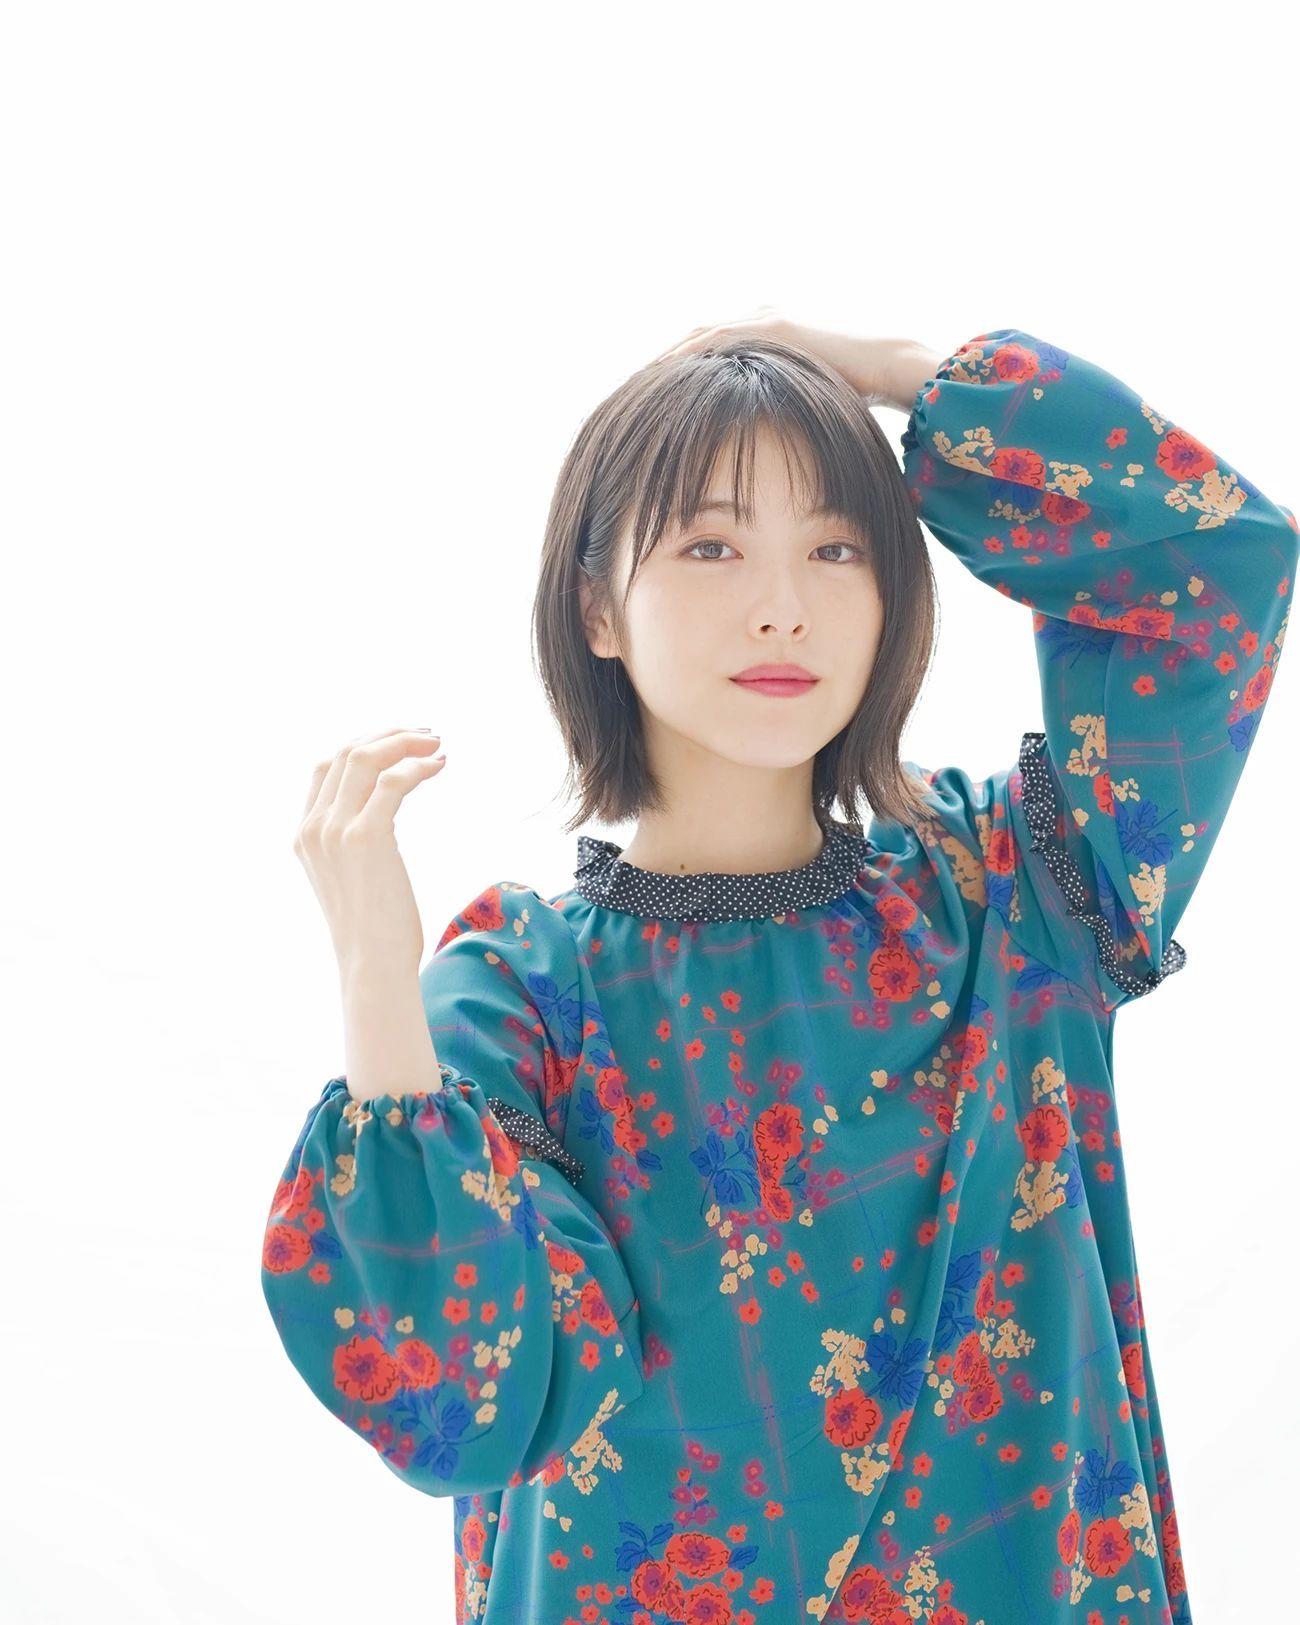 气质楚楚动人的滨边美波写真作品 (8)